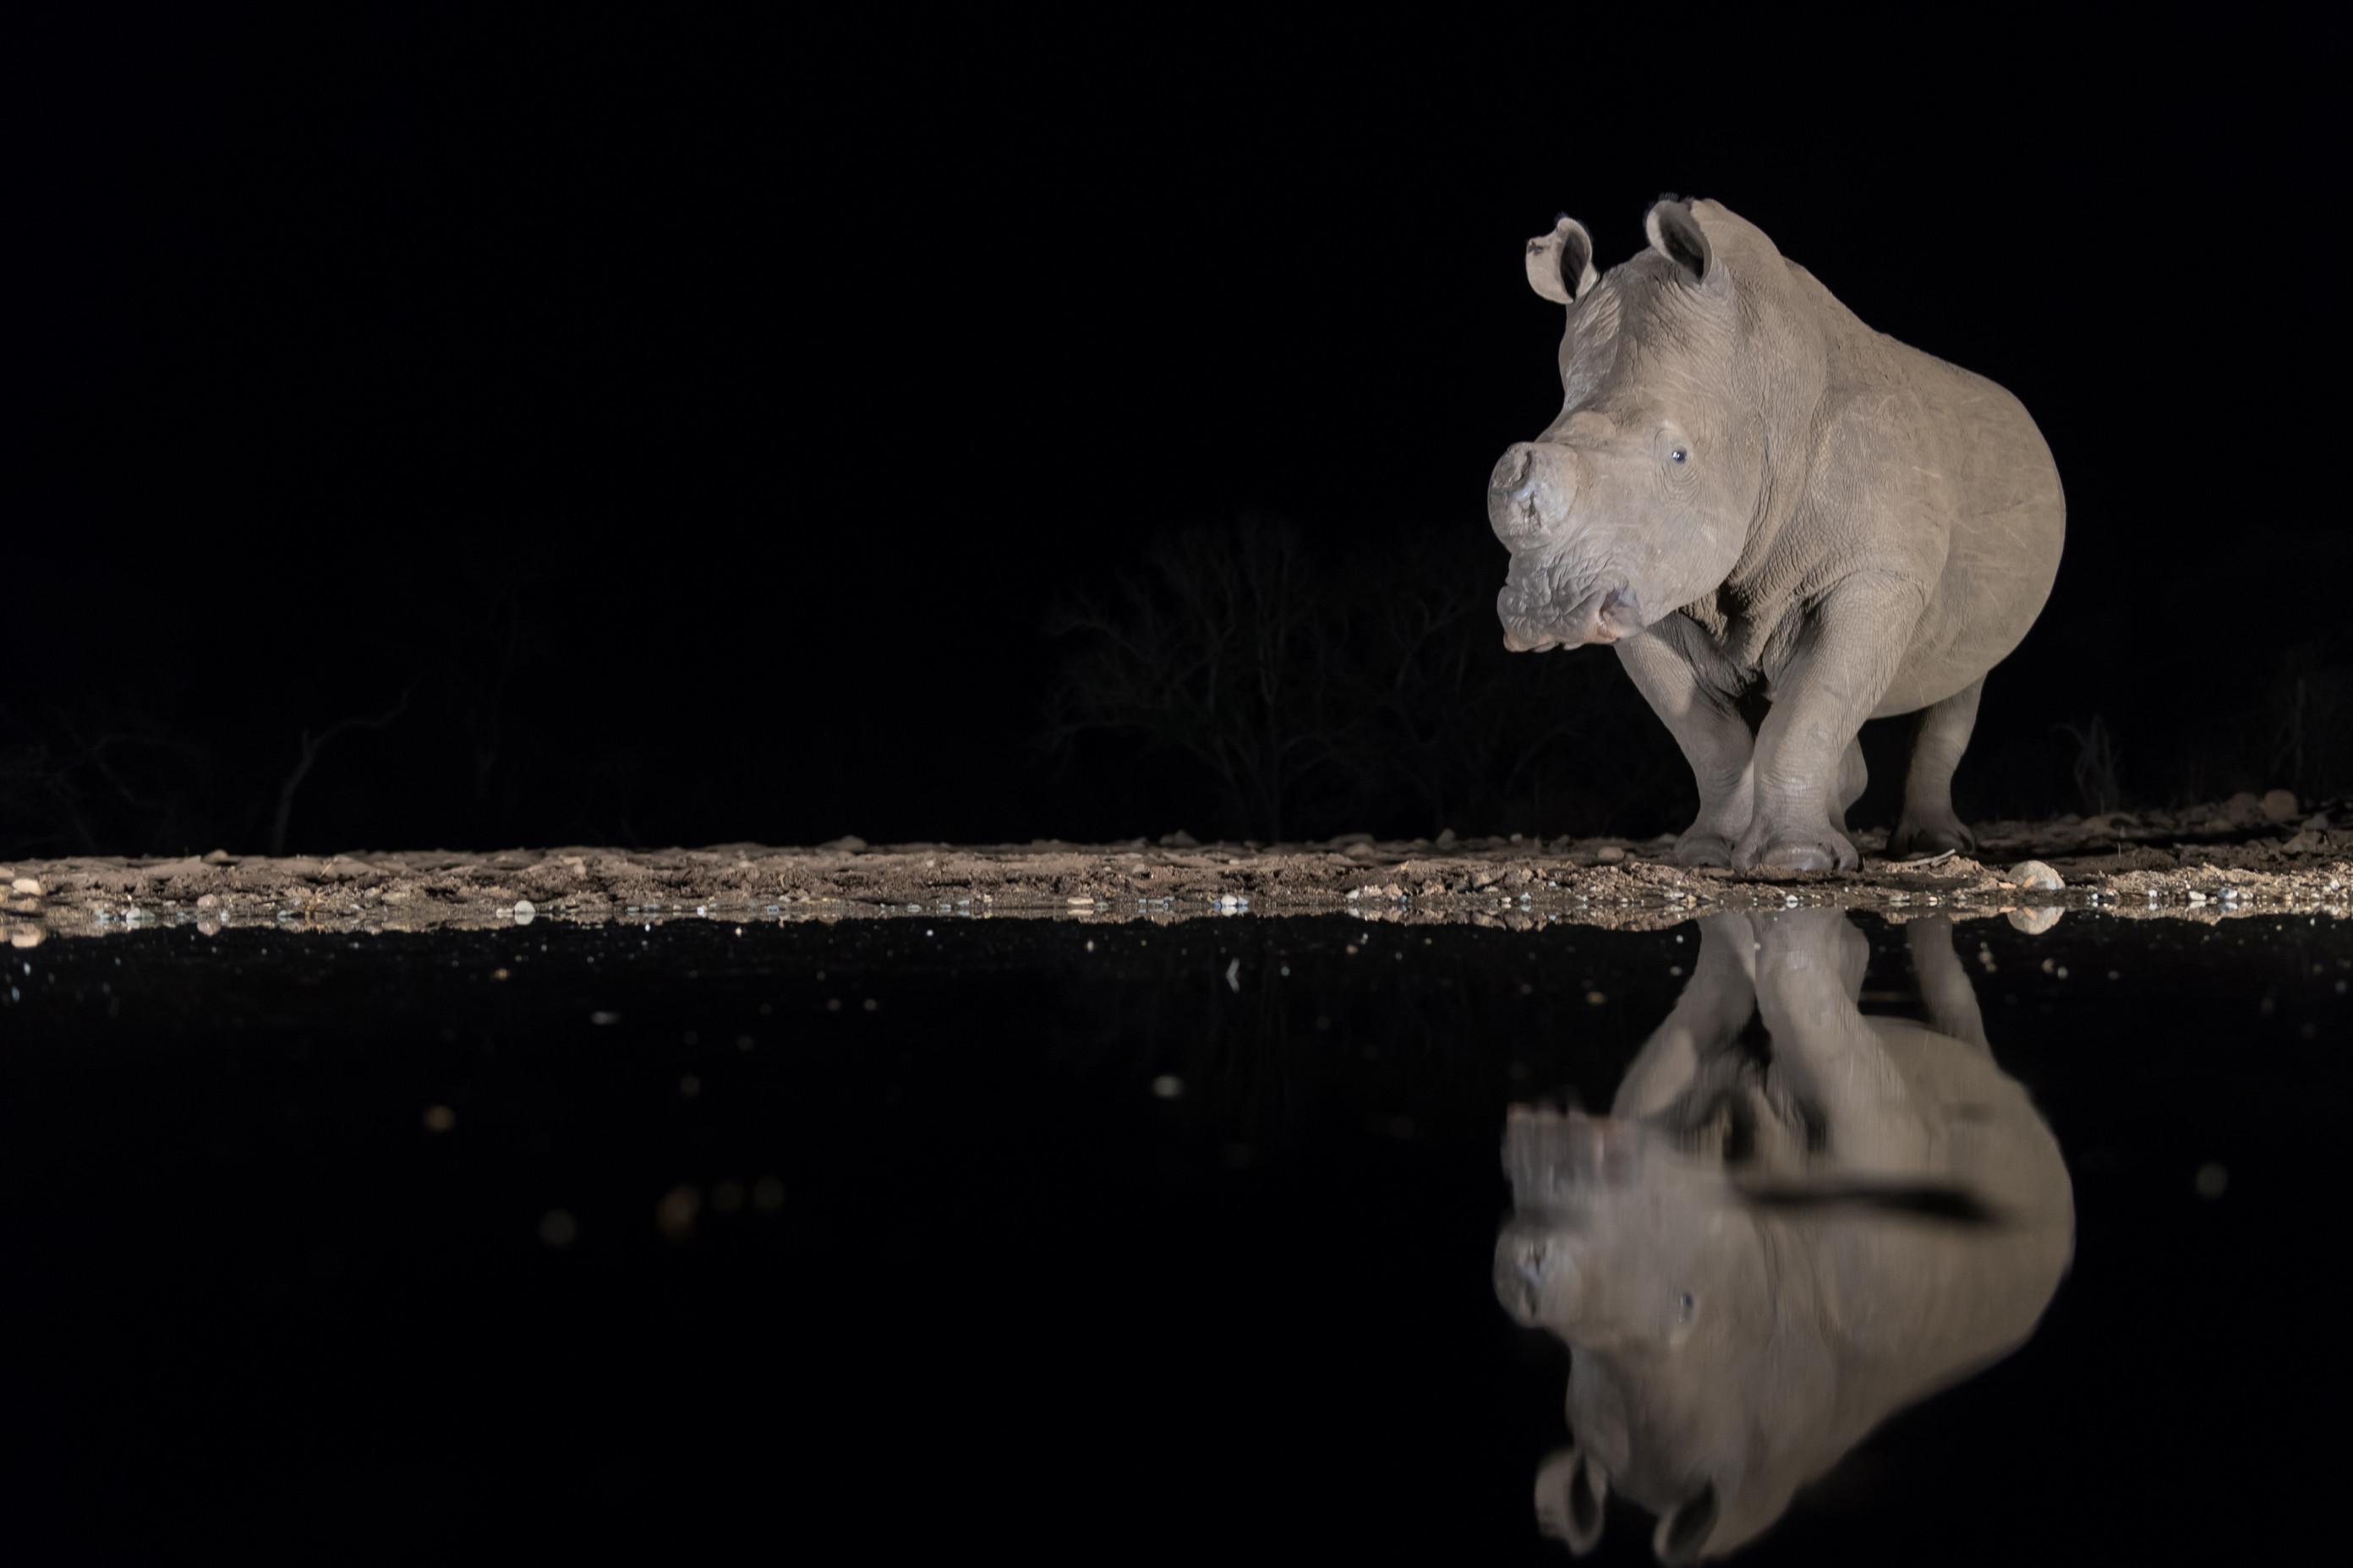 wildlife zimanga 7027